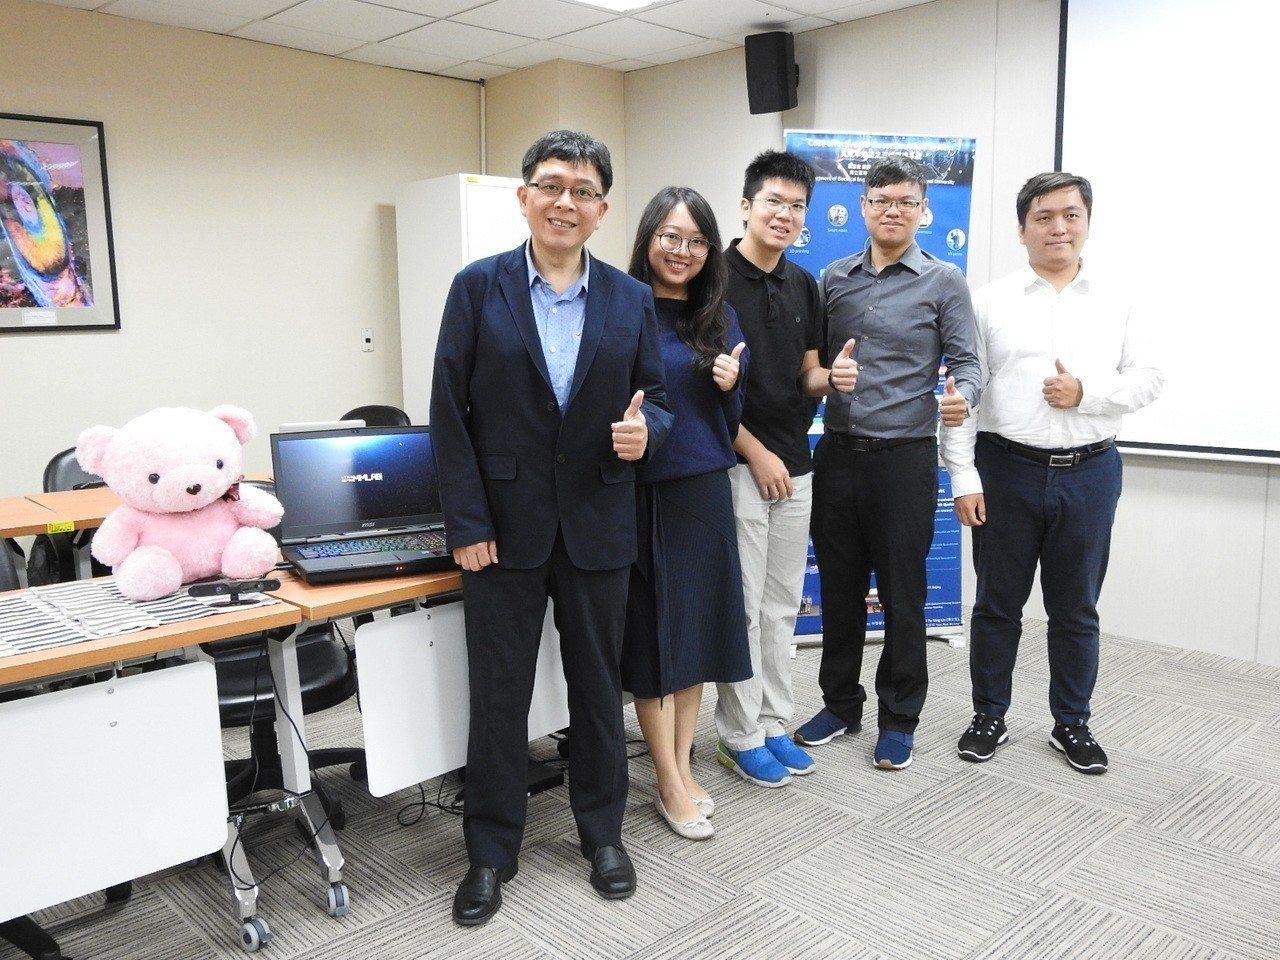 台灣師範大學電機工程學系教授葉家宏(左一)研究團隊。圖/科技部提供